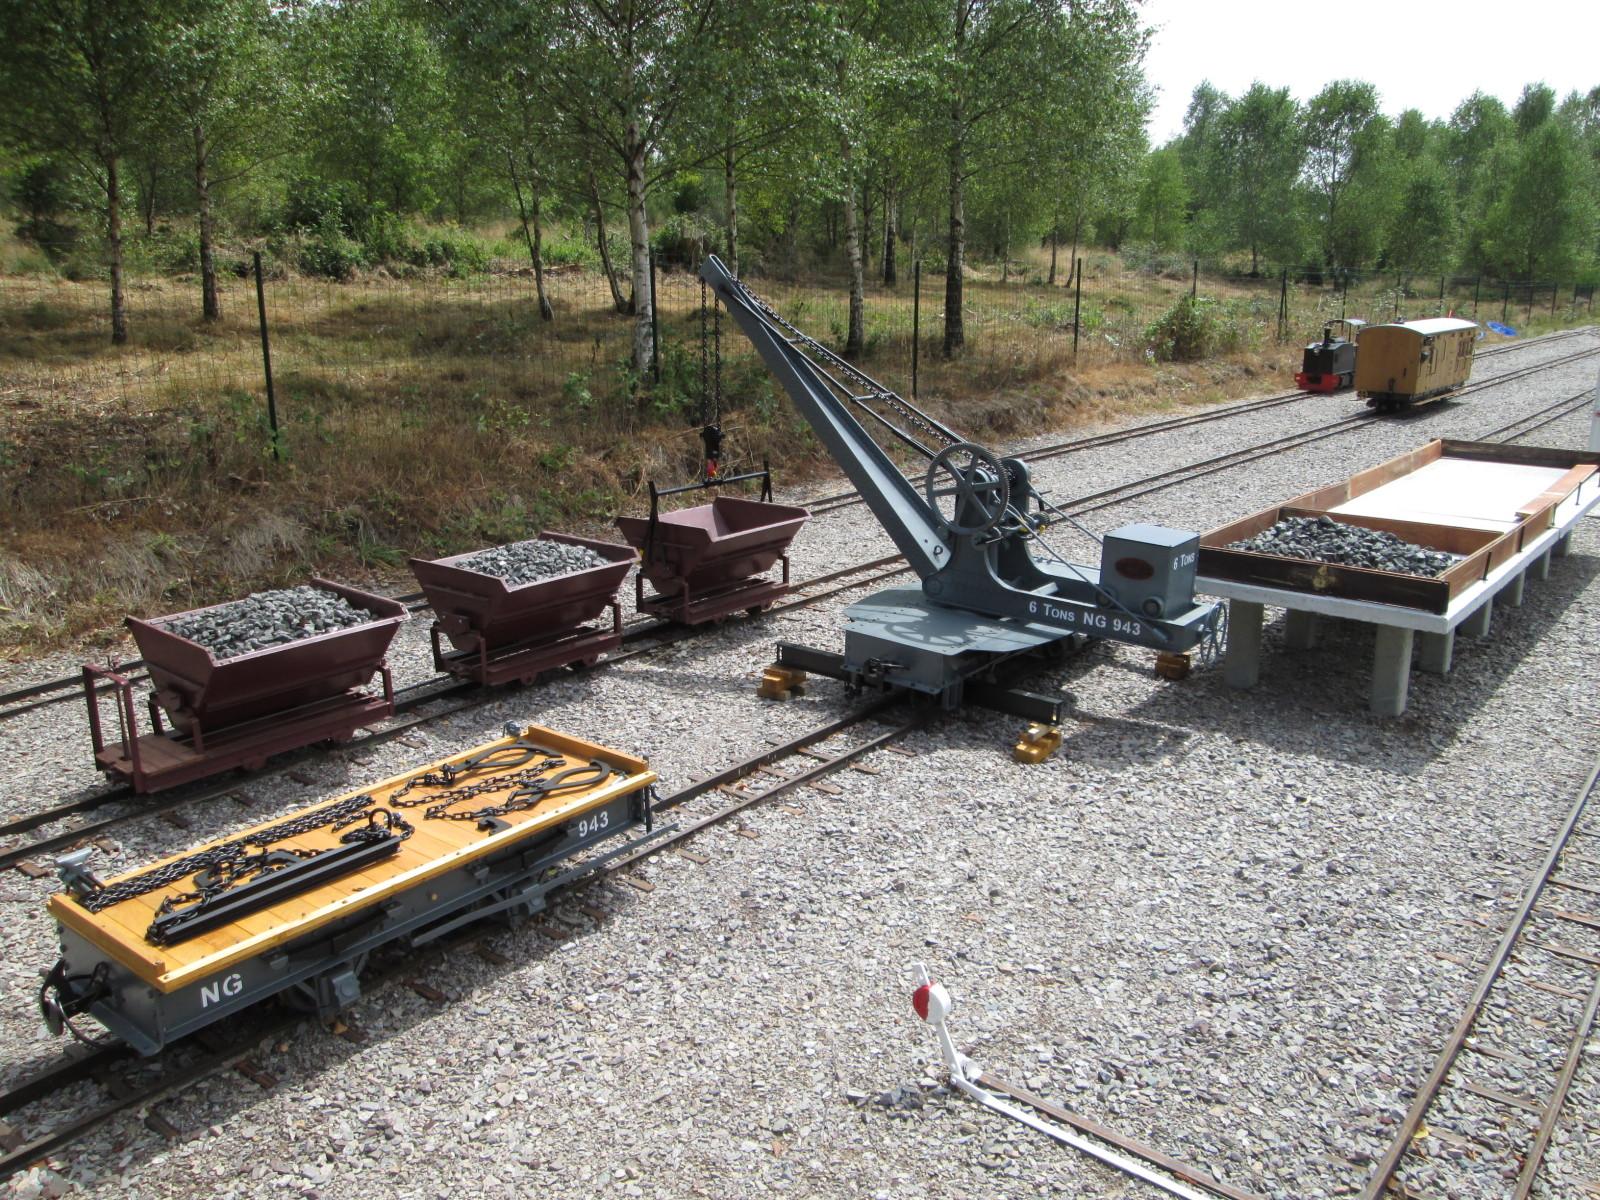 Grue Cowans & Sheldon remplissage du quai à charbon